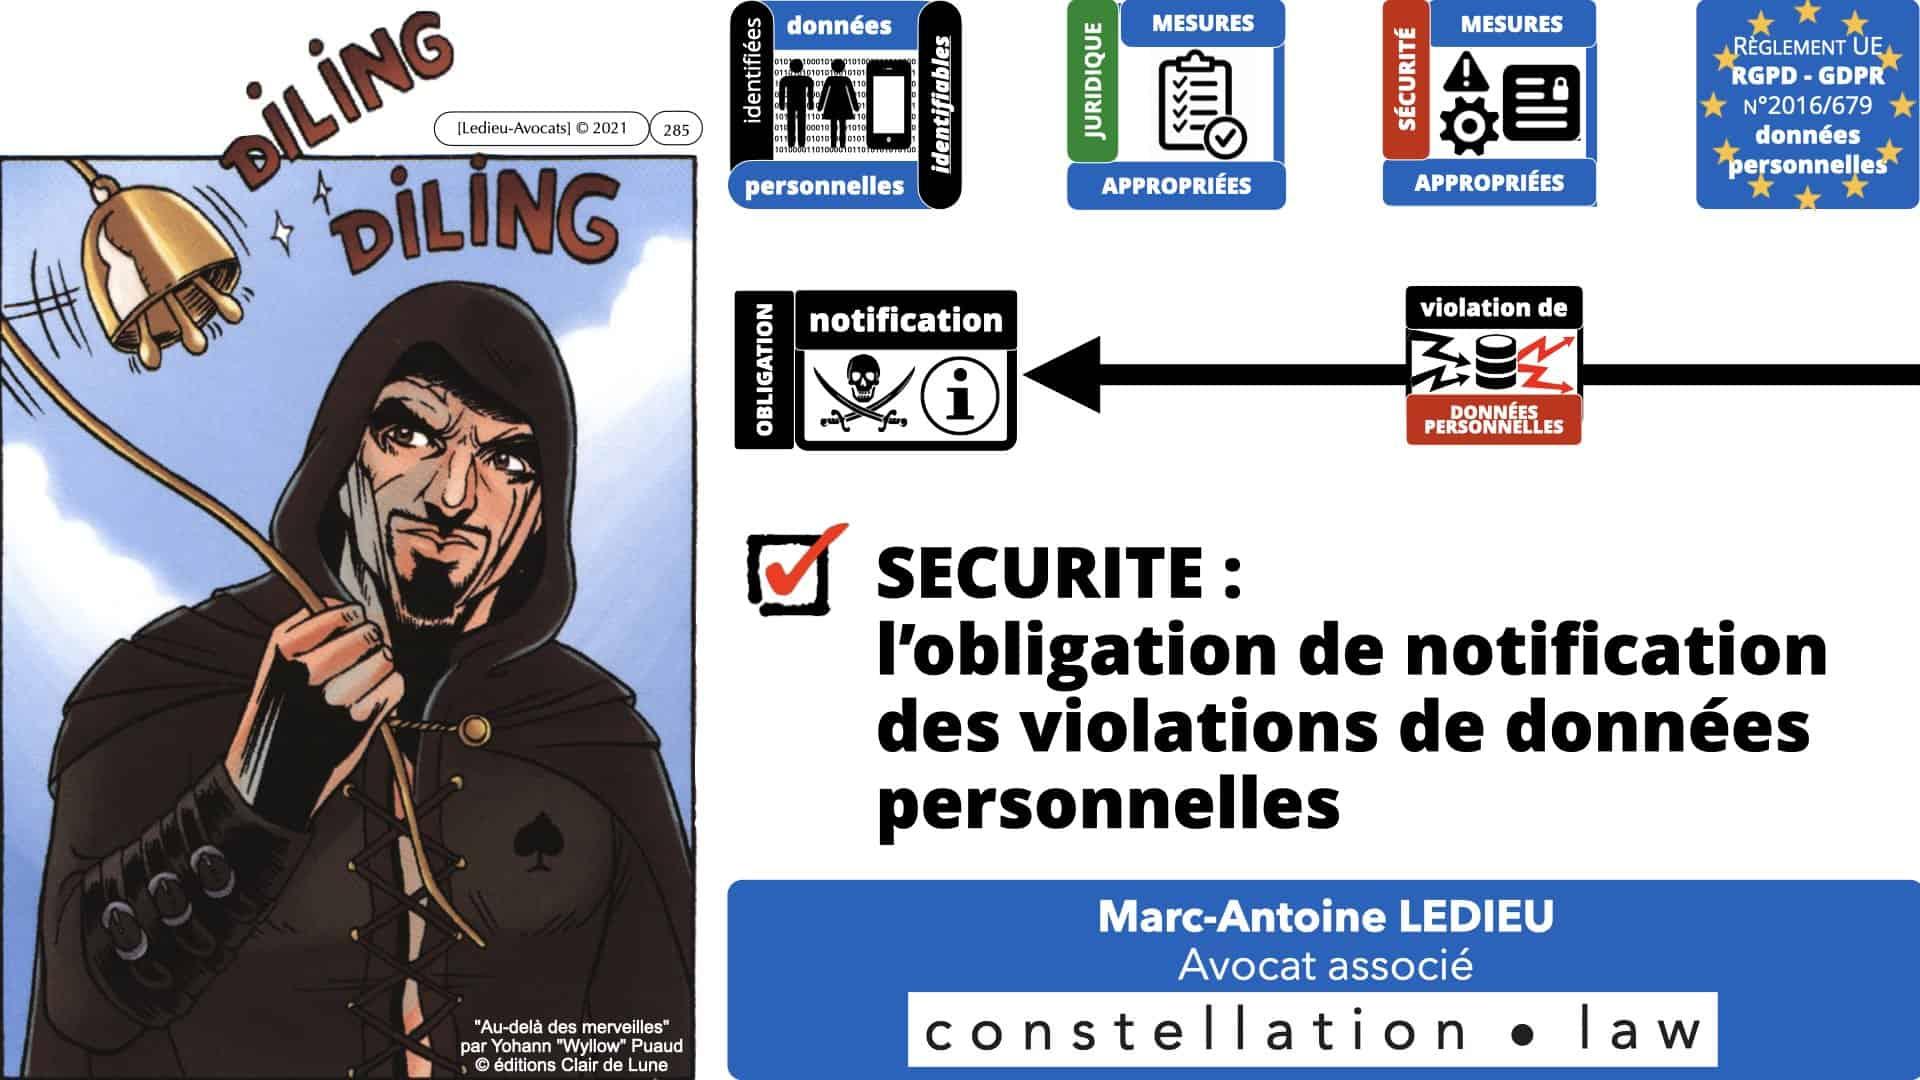 RGPD e-Privacy données personnelles jurisprudence formation Lamy Les Echos 10-02-2021 ©Ledieu-Avocats.285